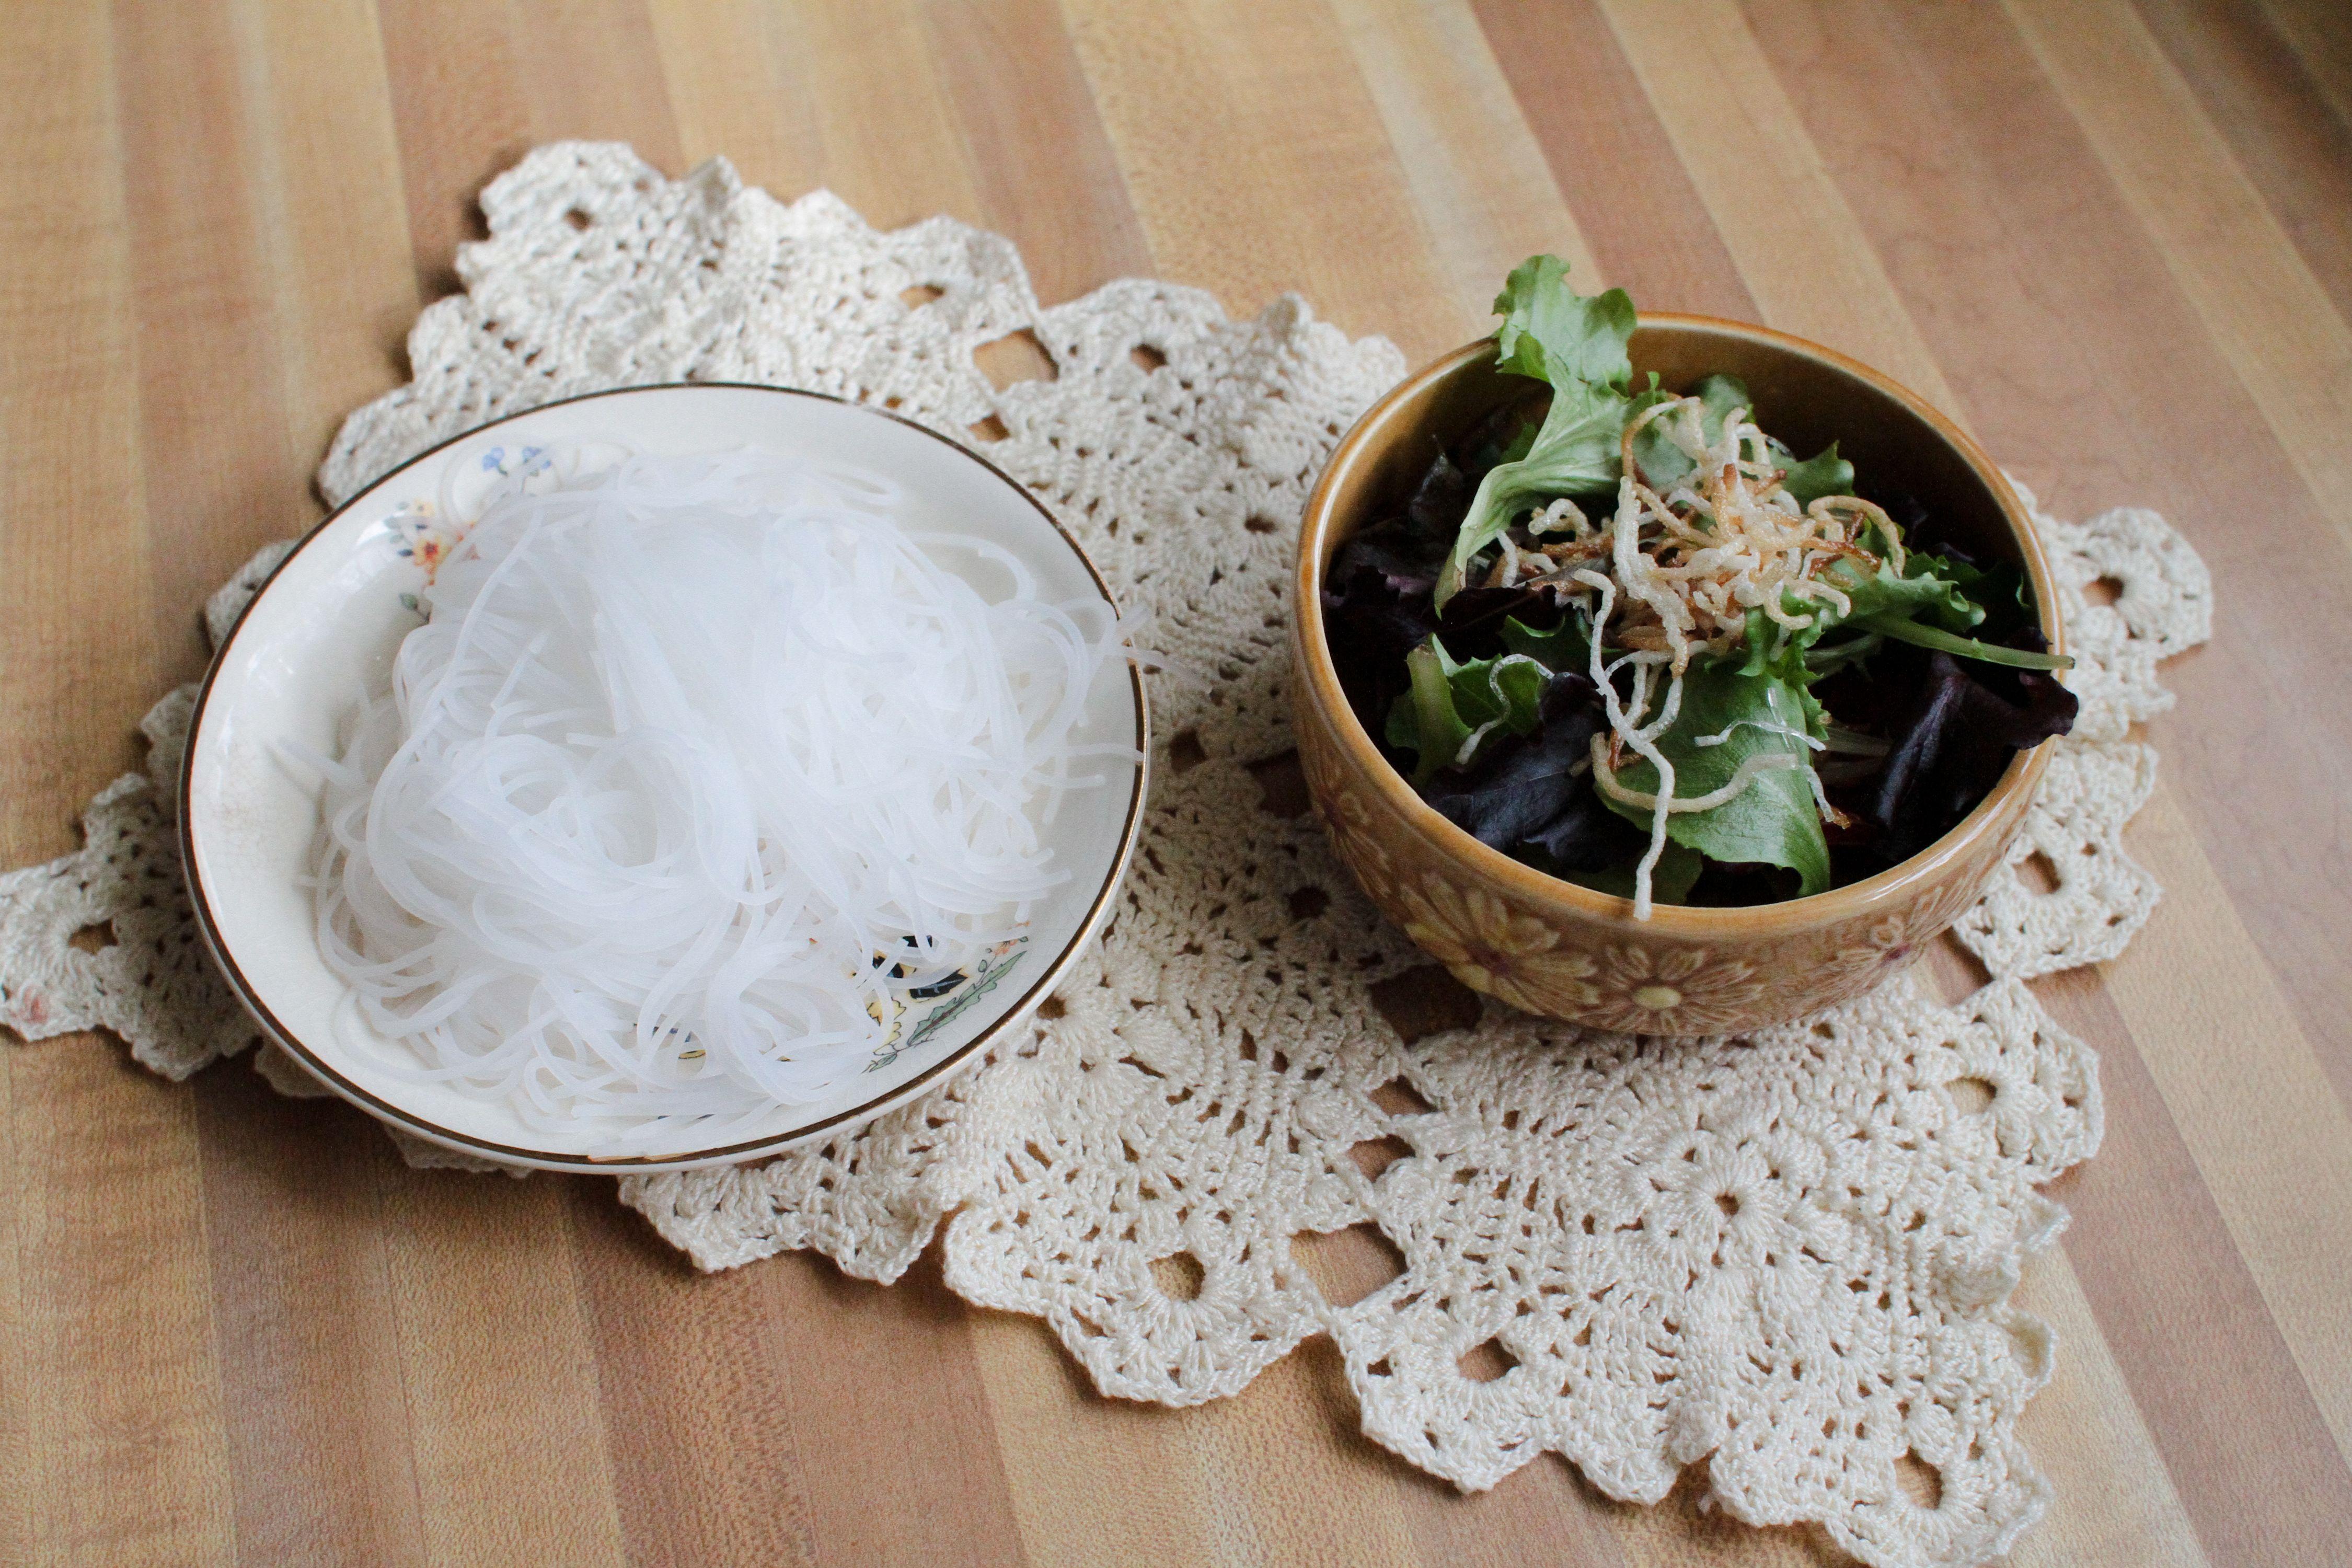 is longkou vermicelli gluten free